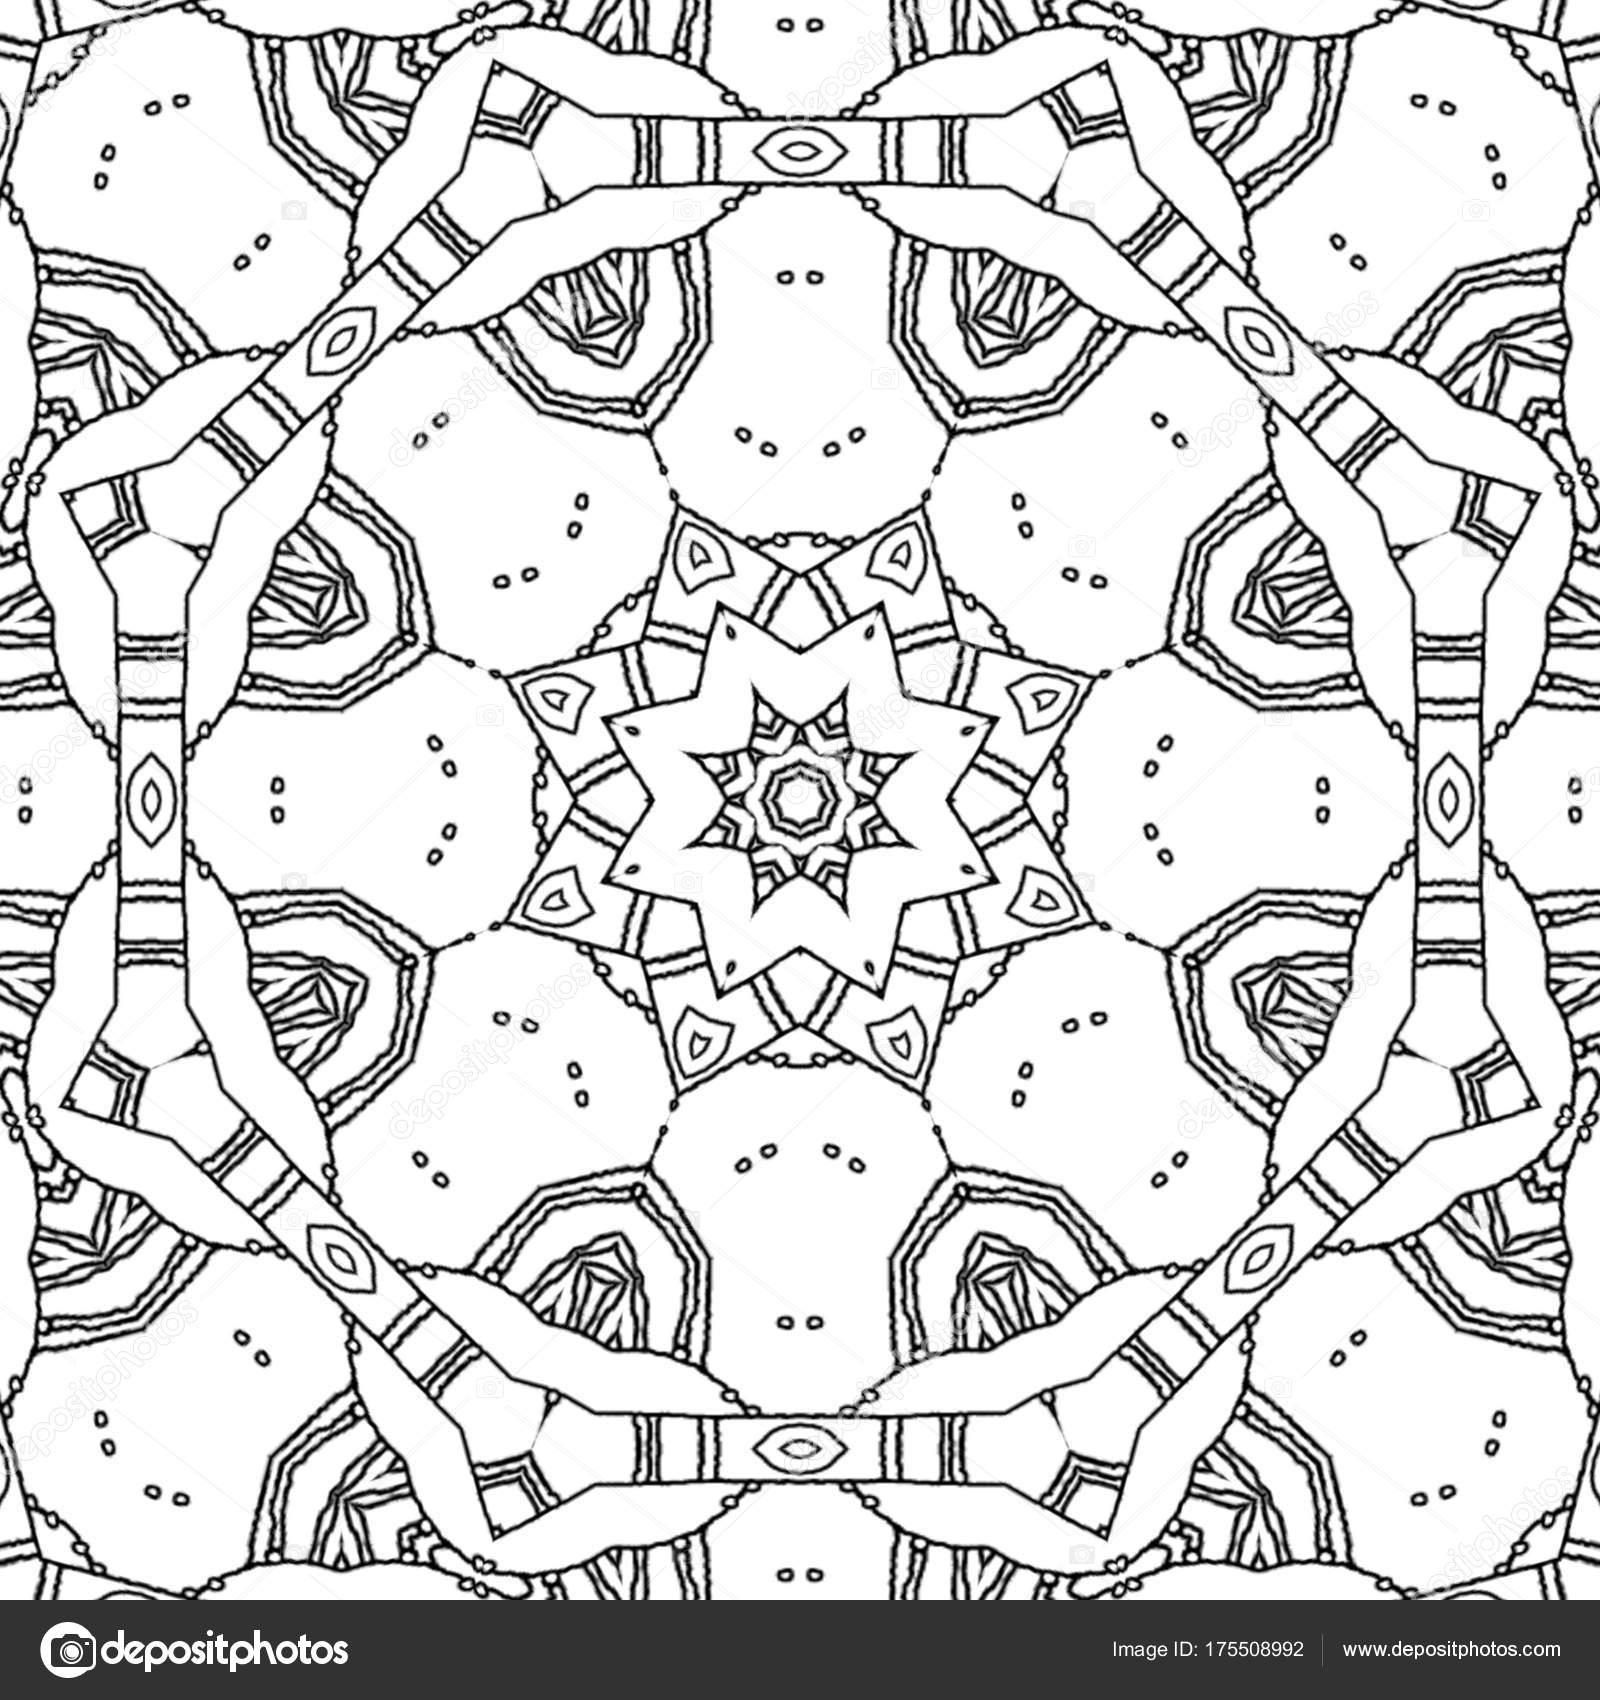 Malvorlagen Zeichnung Abstrakt Monochrome Mandala Mit Stern Ornament ...